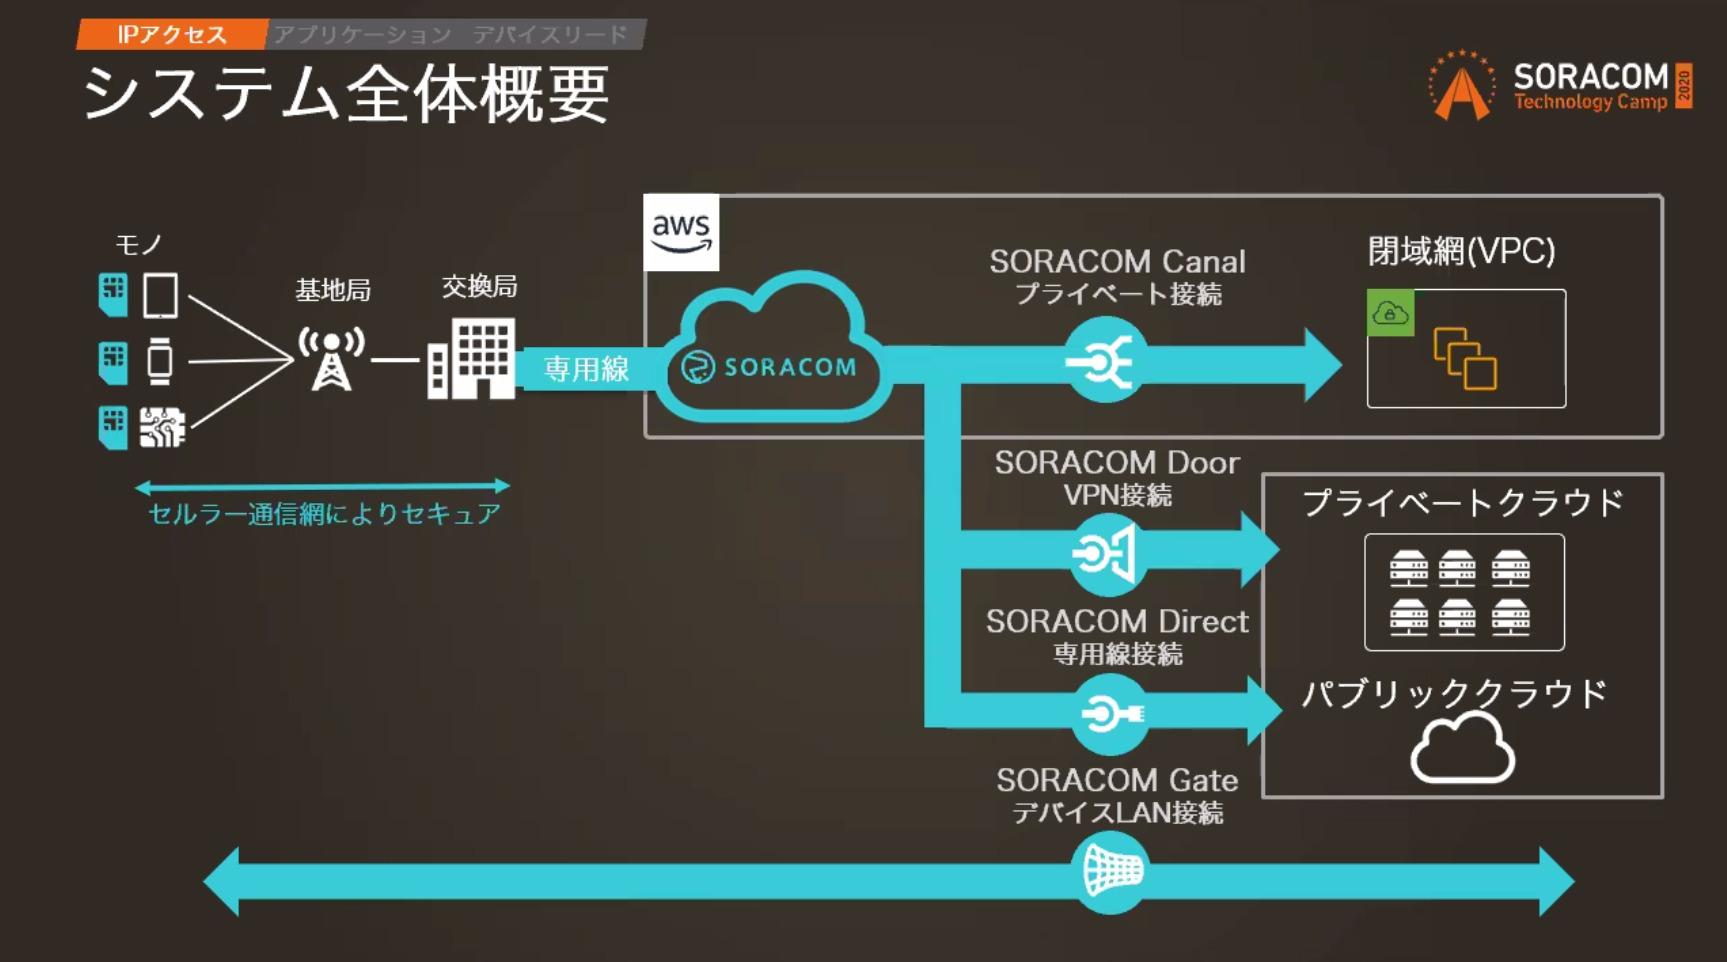 soracom-tech-camp-day2-design-pattern-13